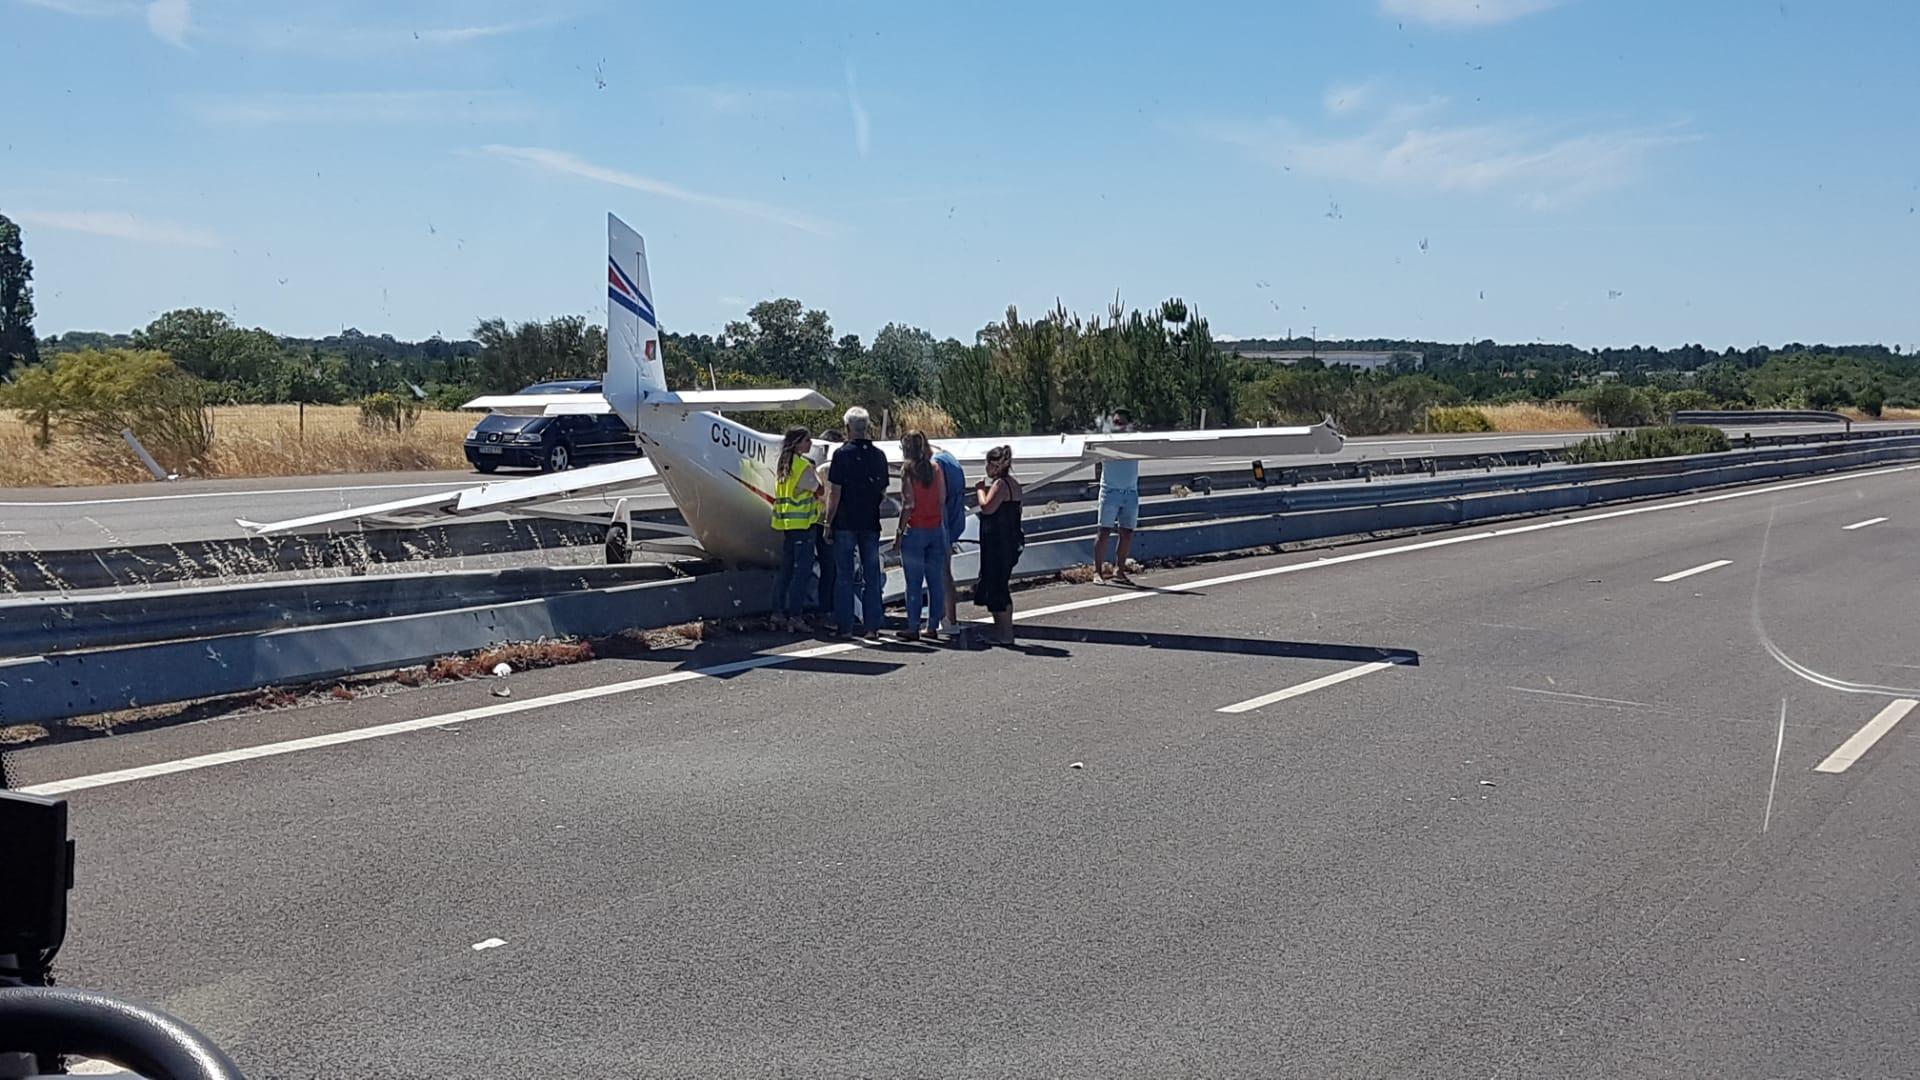 - Acidente avioneta portugal  - Portugal: Avioneta faz aterragem de emergência e colide com dois automóveis. Há dois feridos